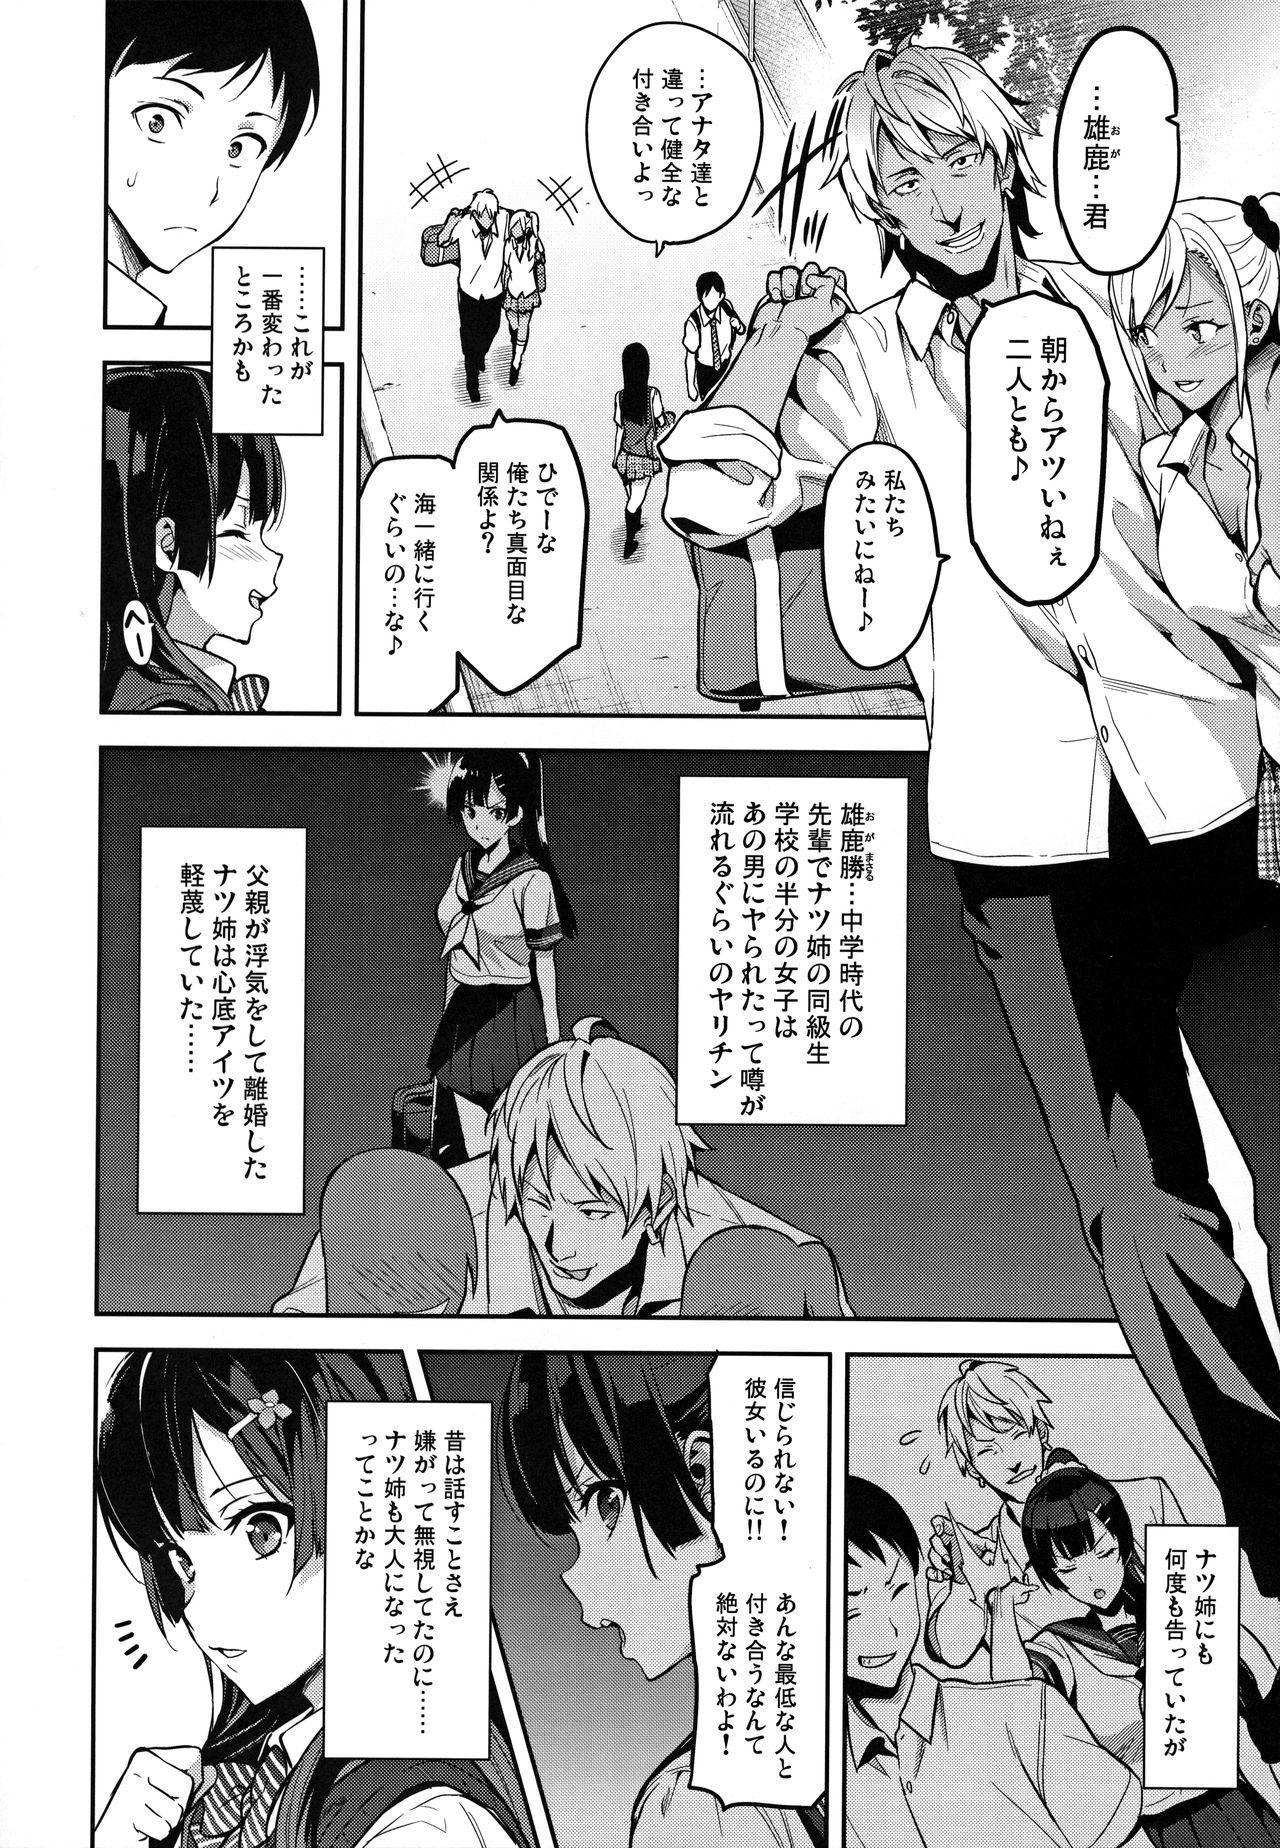 Ajisai no Chiru Koro ni 8